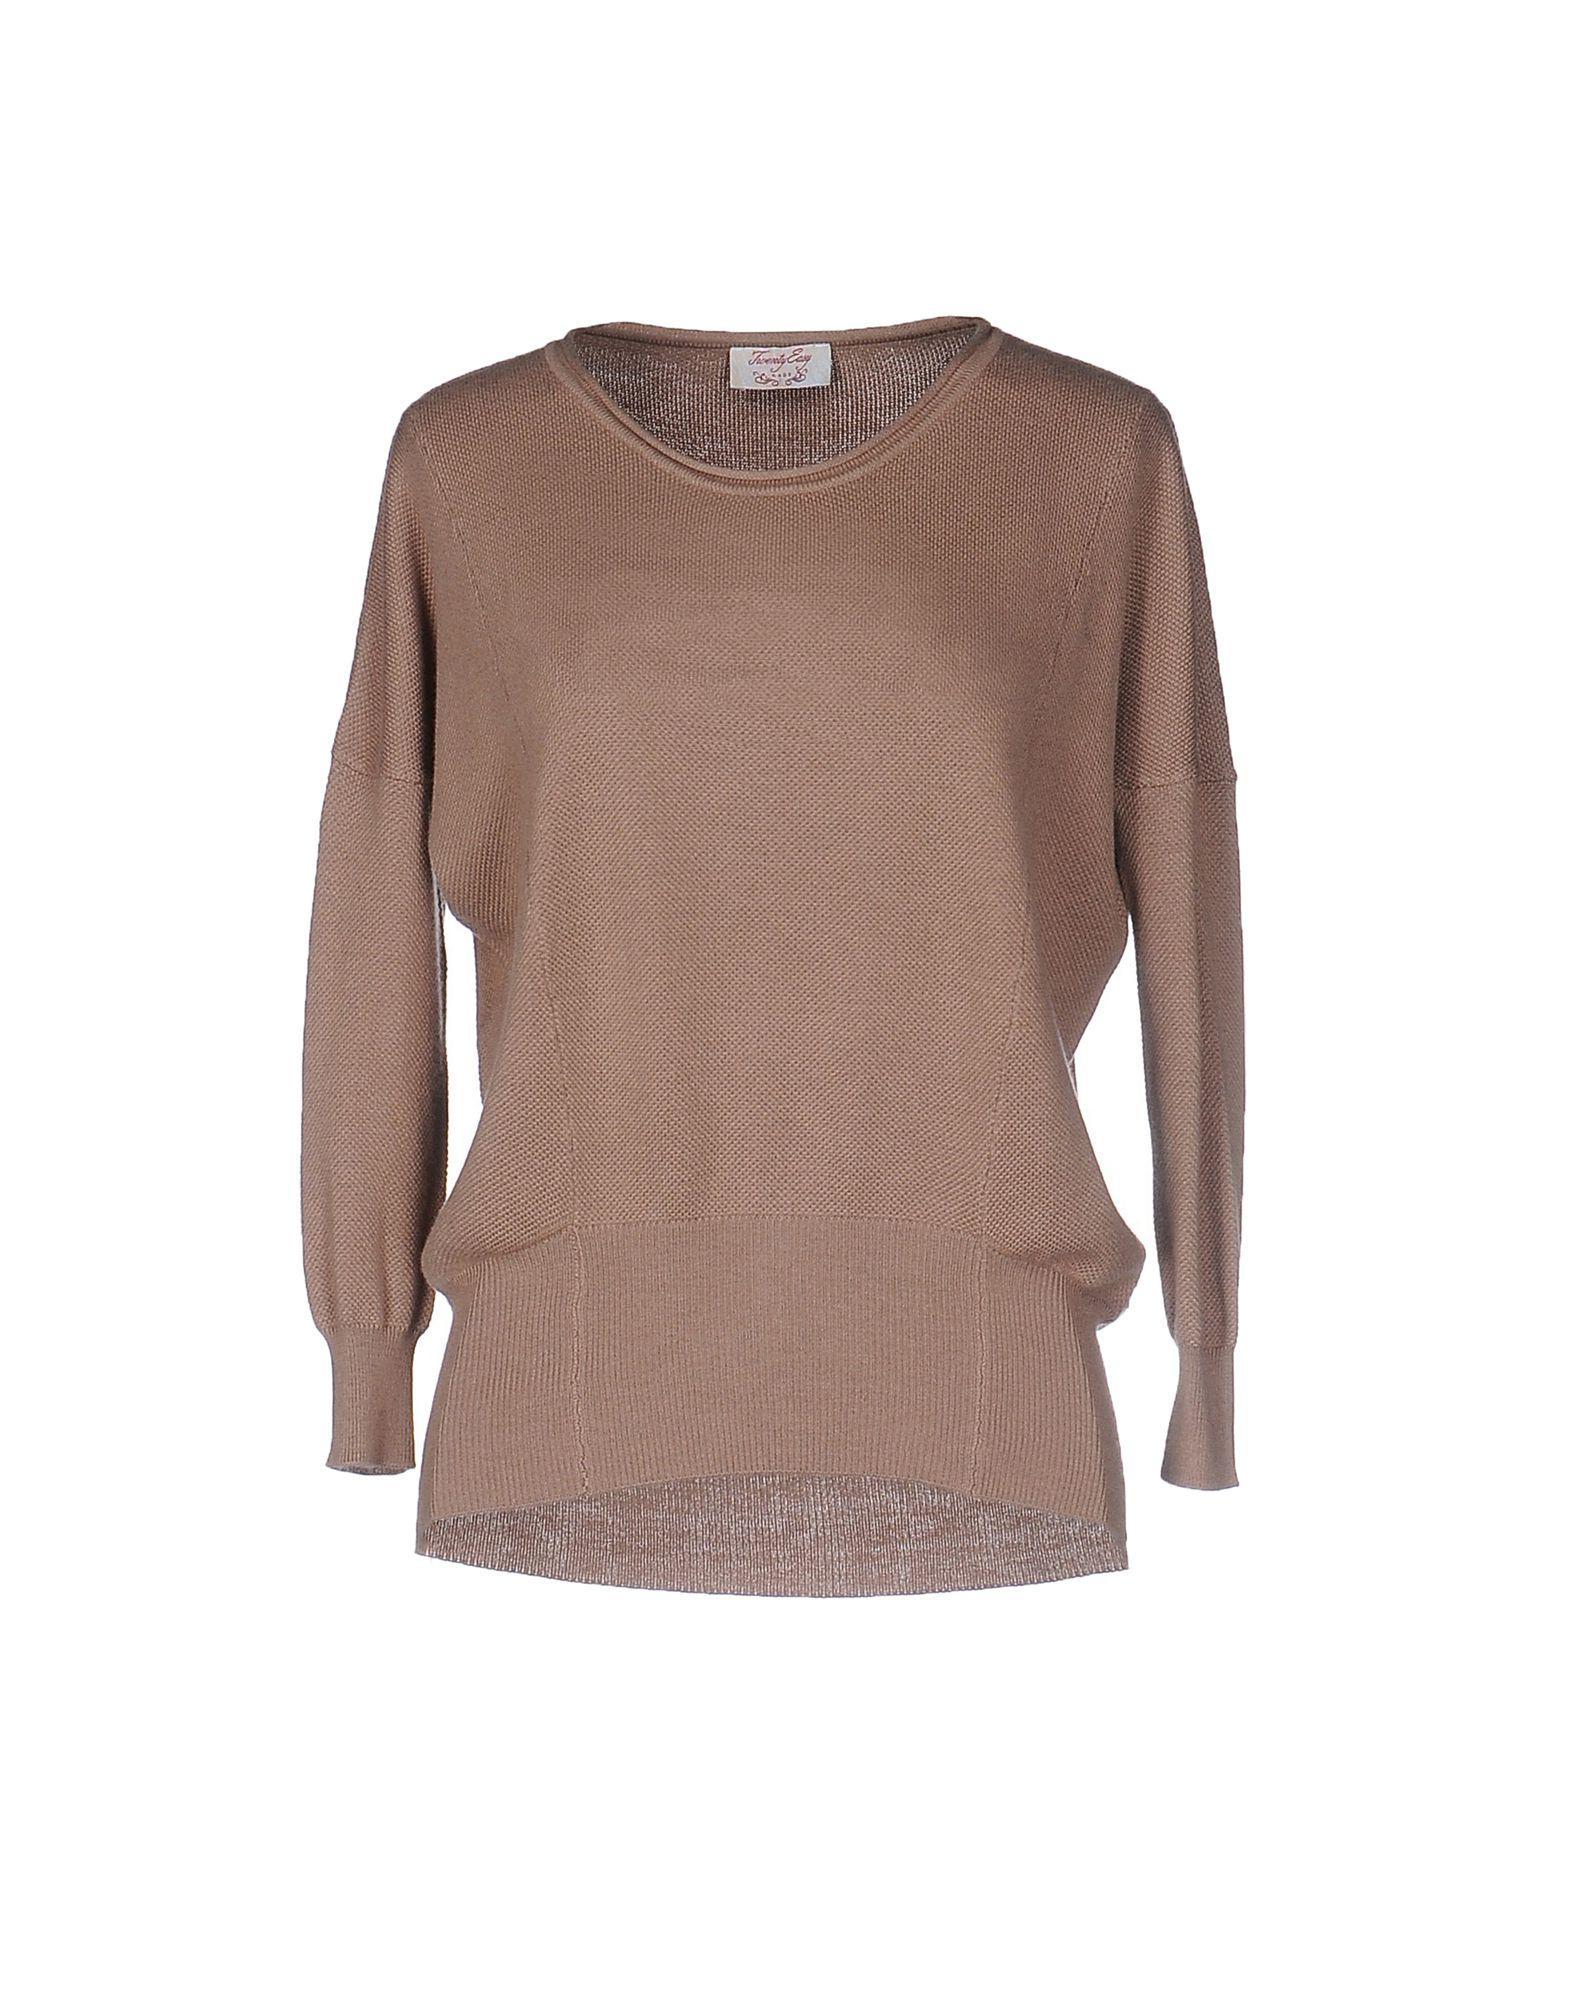 Lyst - Twenty Easy By Kaos Sweater in Gray